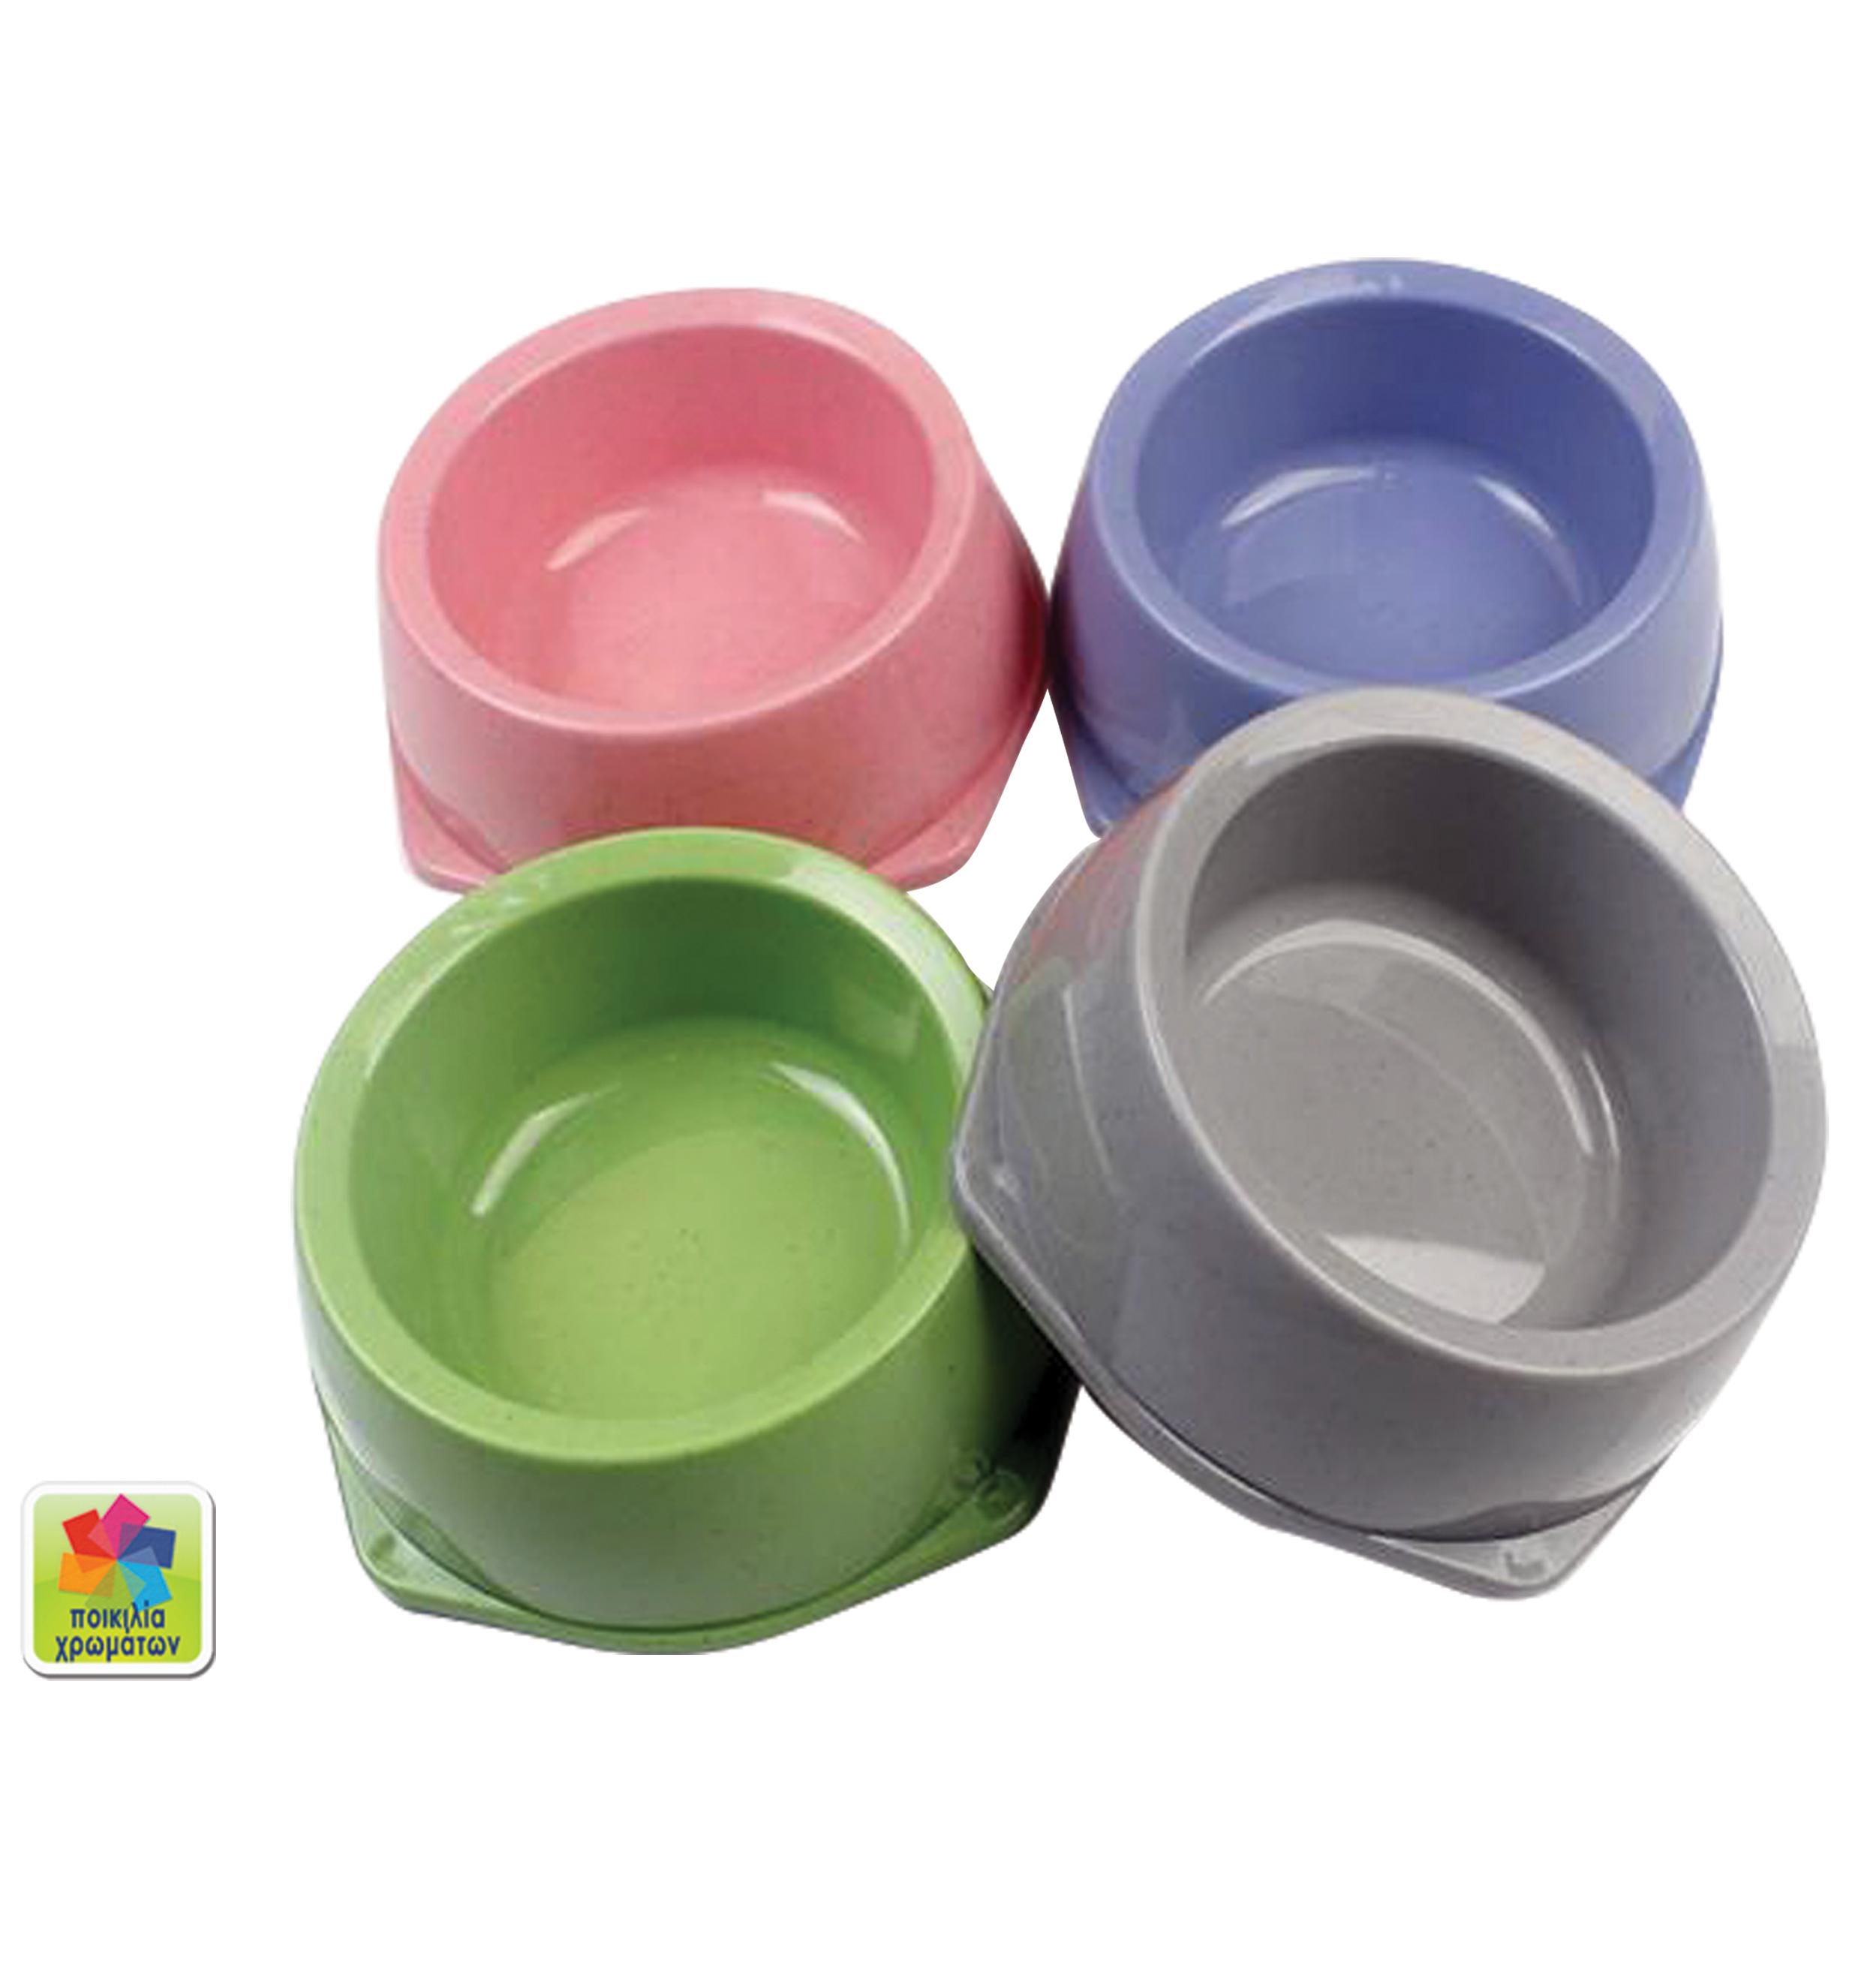 Μπόλ φαγητού σκύλου σε διάφορα χρώματα